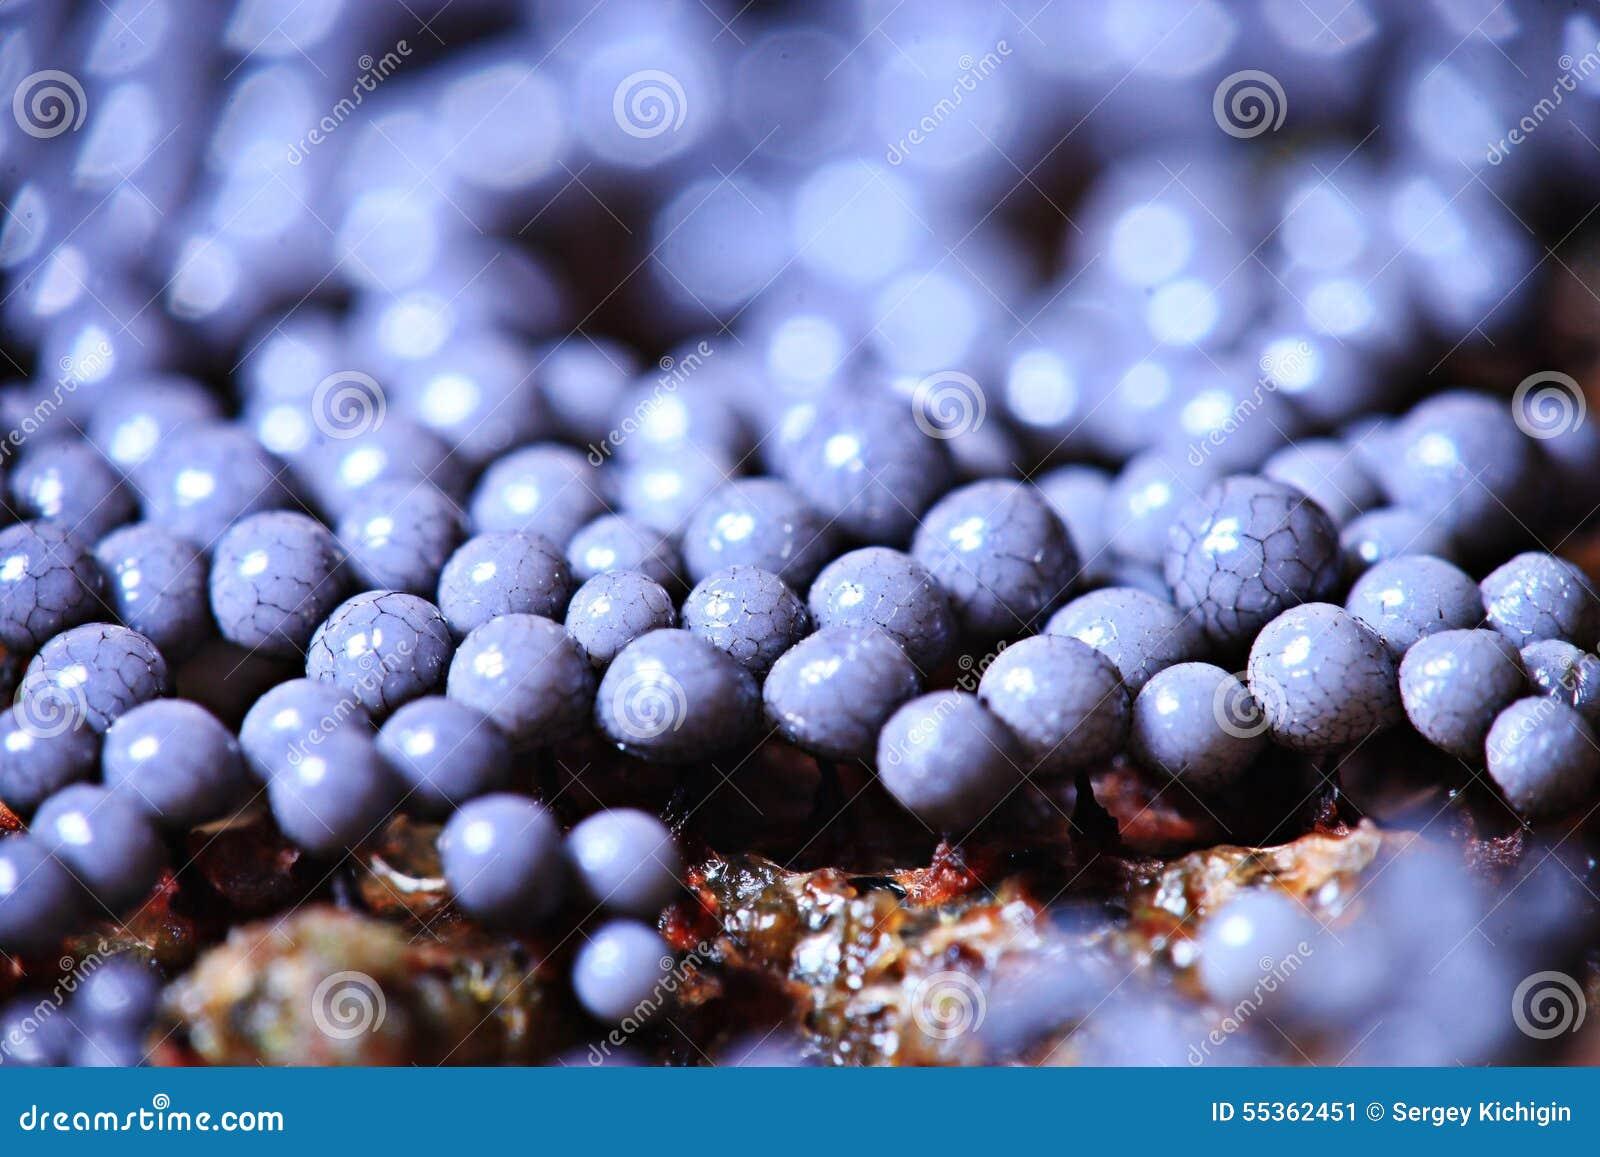 Muffa del fungo del microrganismo